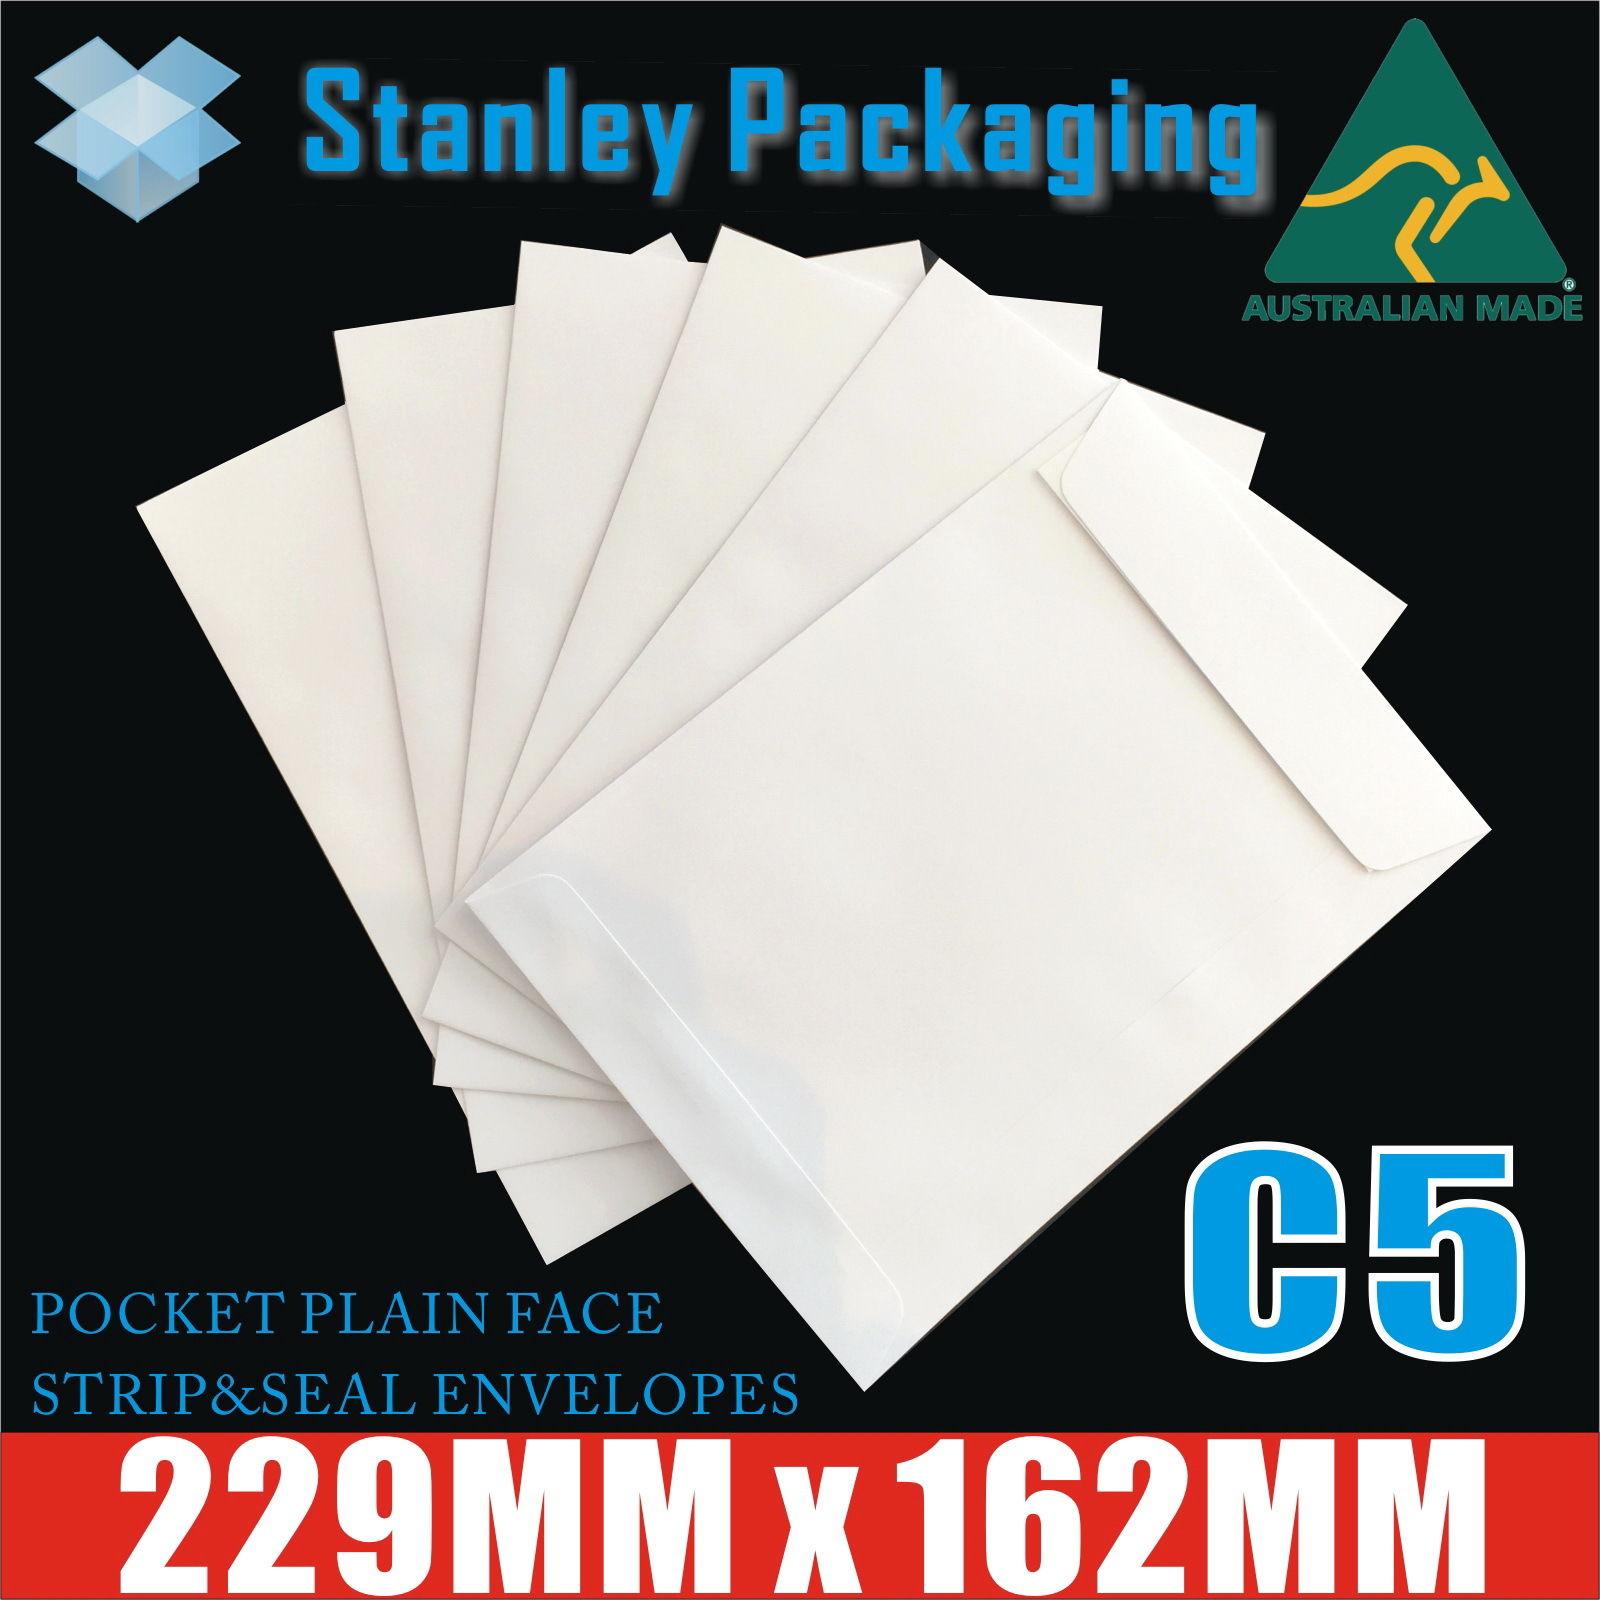 C5 White Envelopes 162mm x 229mm Peel N Seal Plain Face Pocket